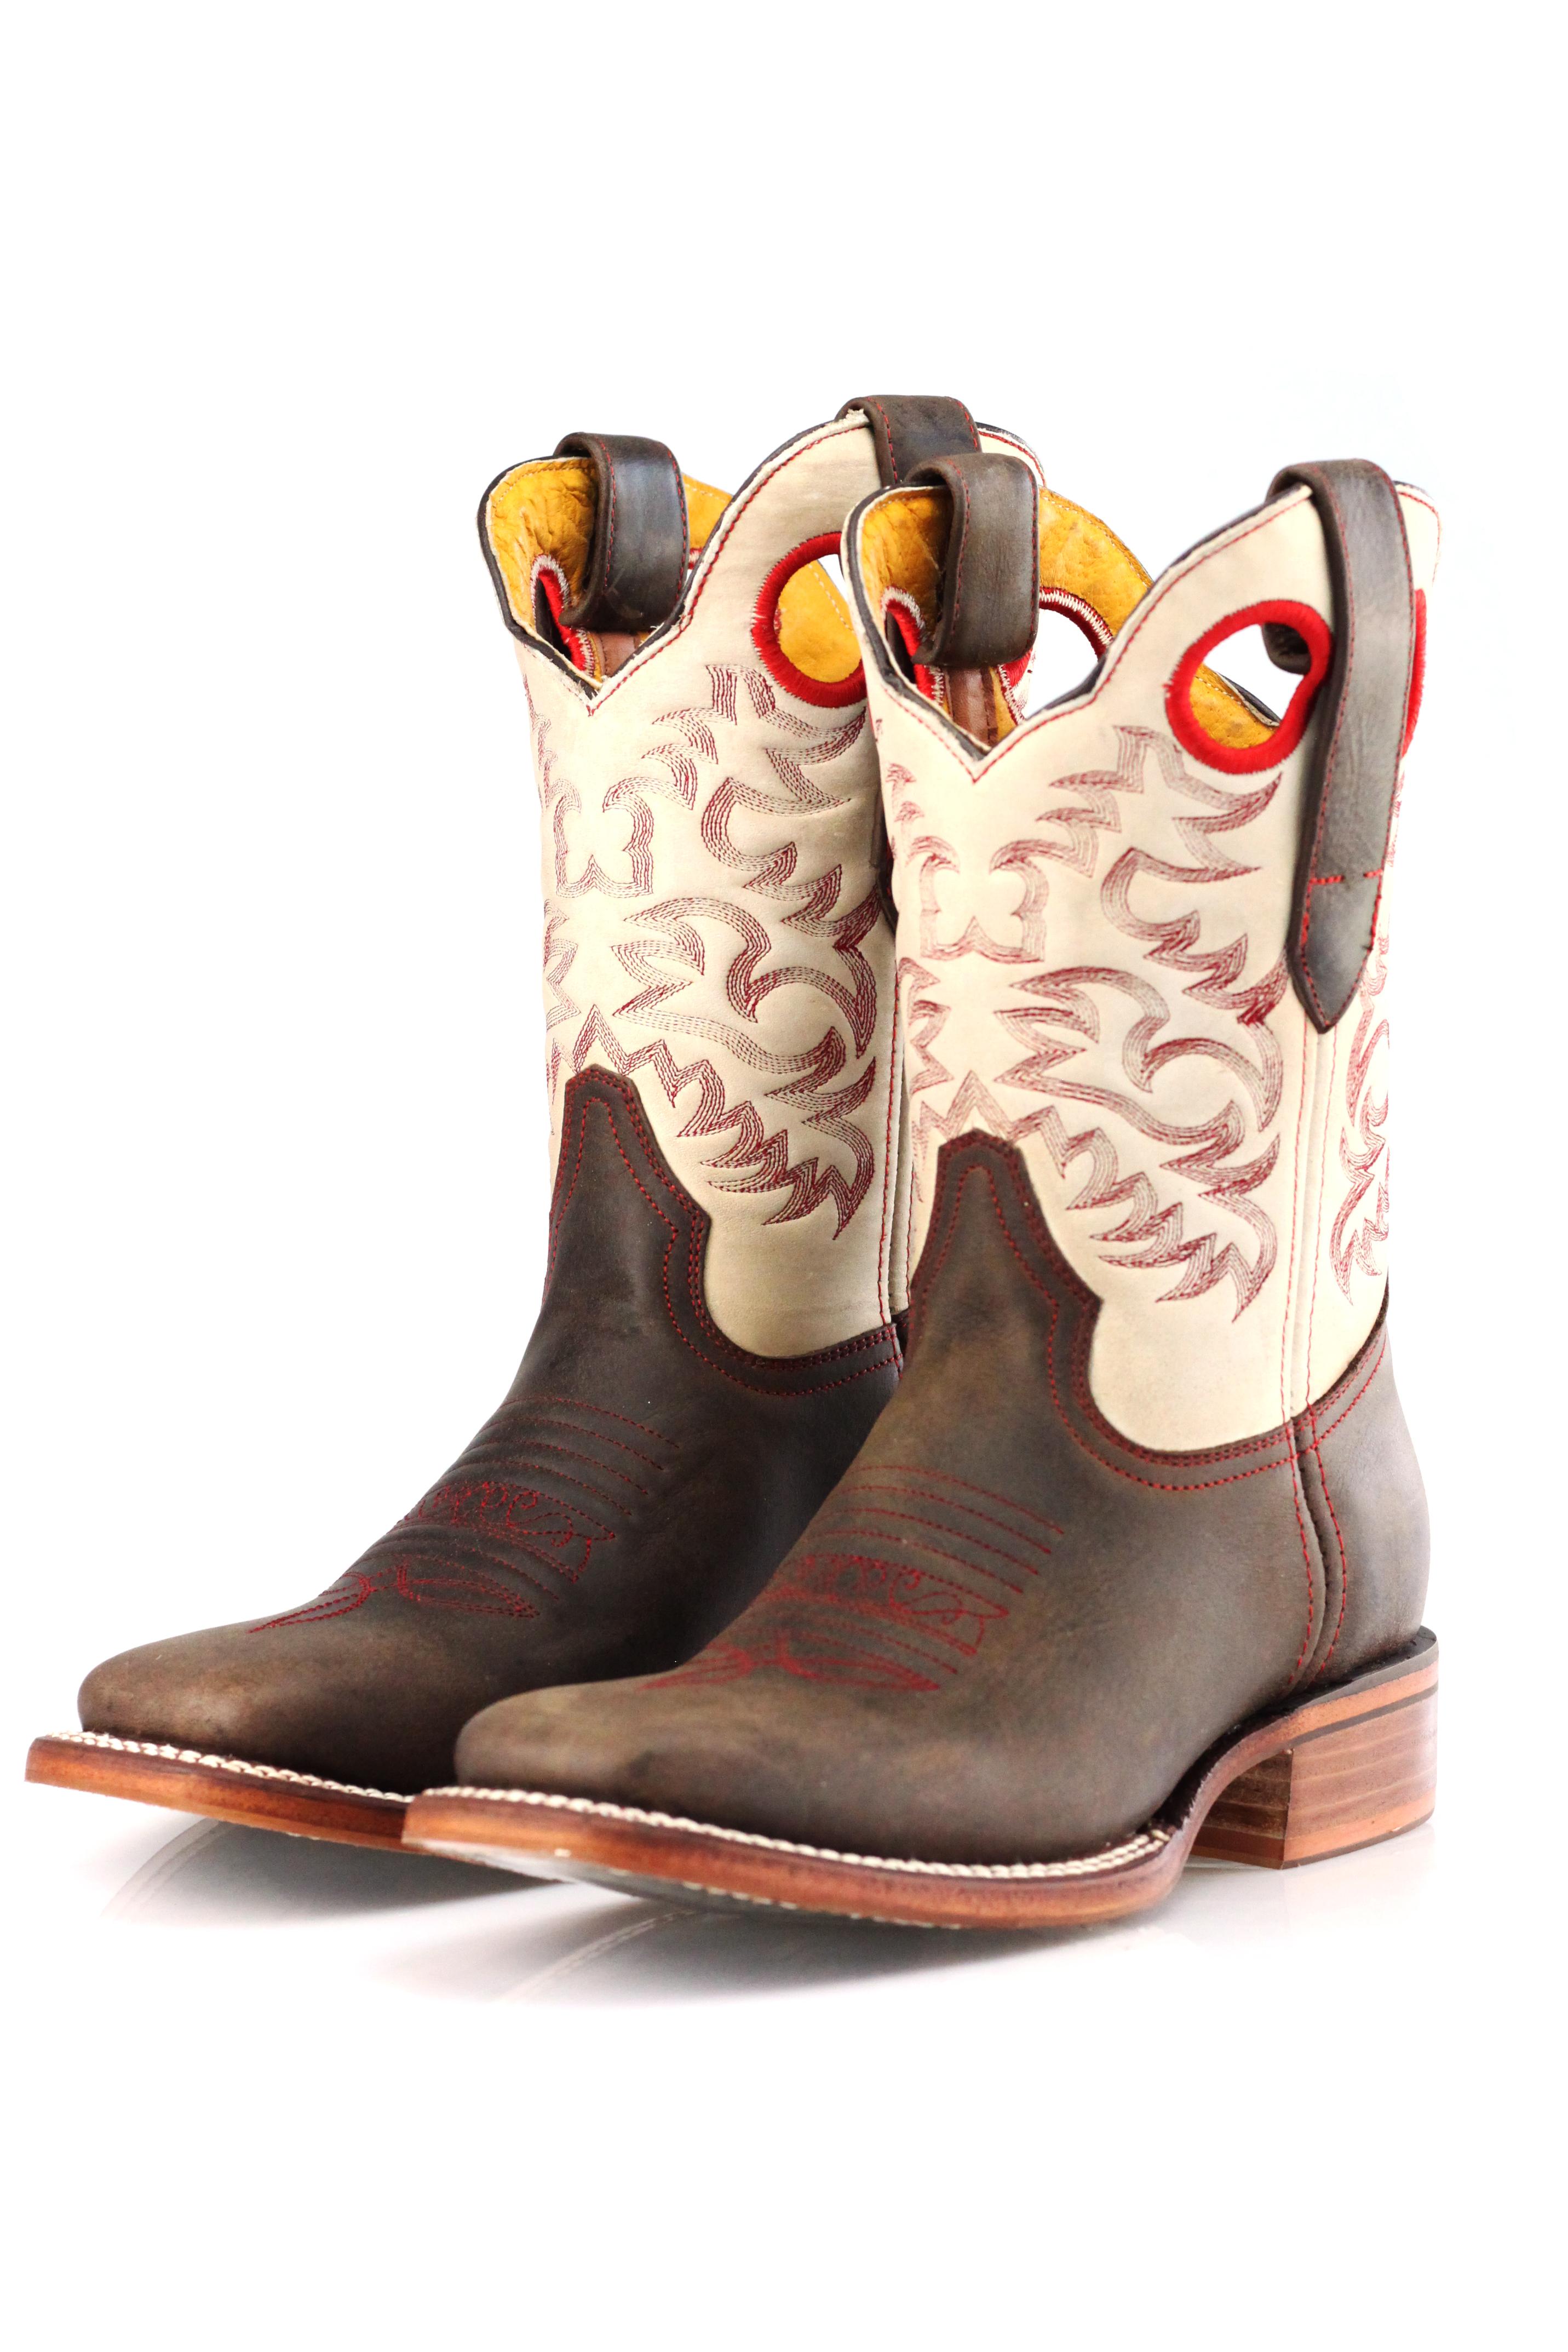 Nuovi Prodotti 5a3d0 1e552 Tacchino   Cappelli   Stivali   Abbigliamento Western   Made ...